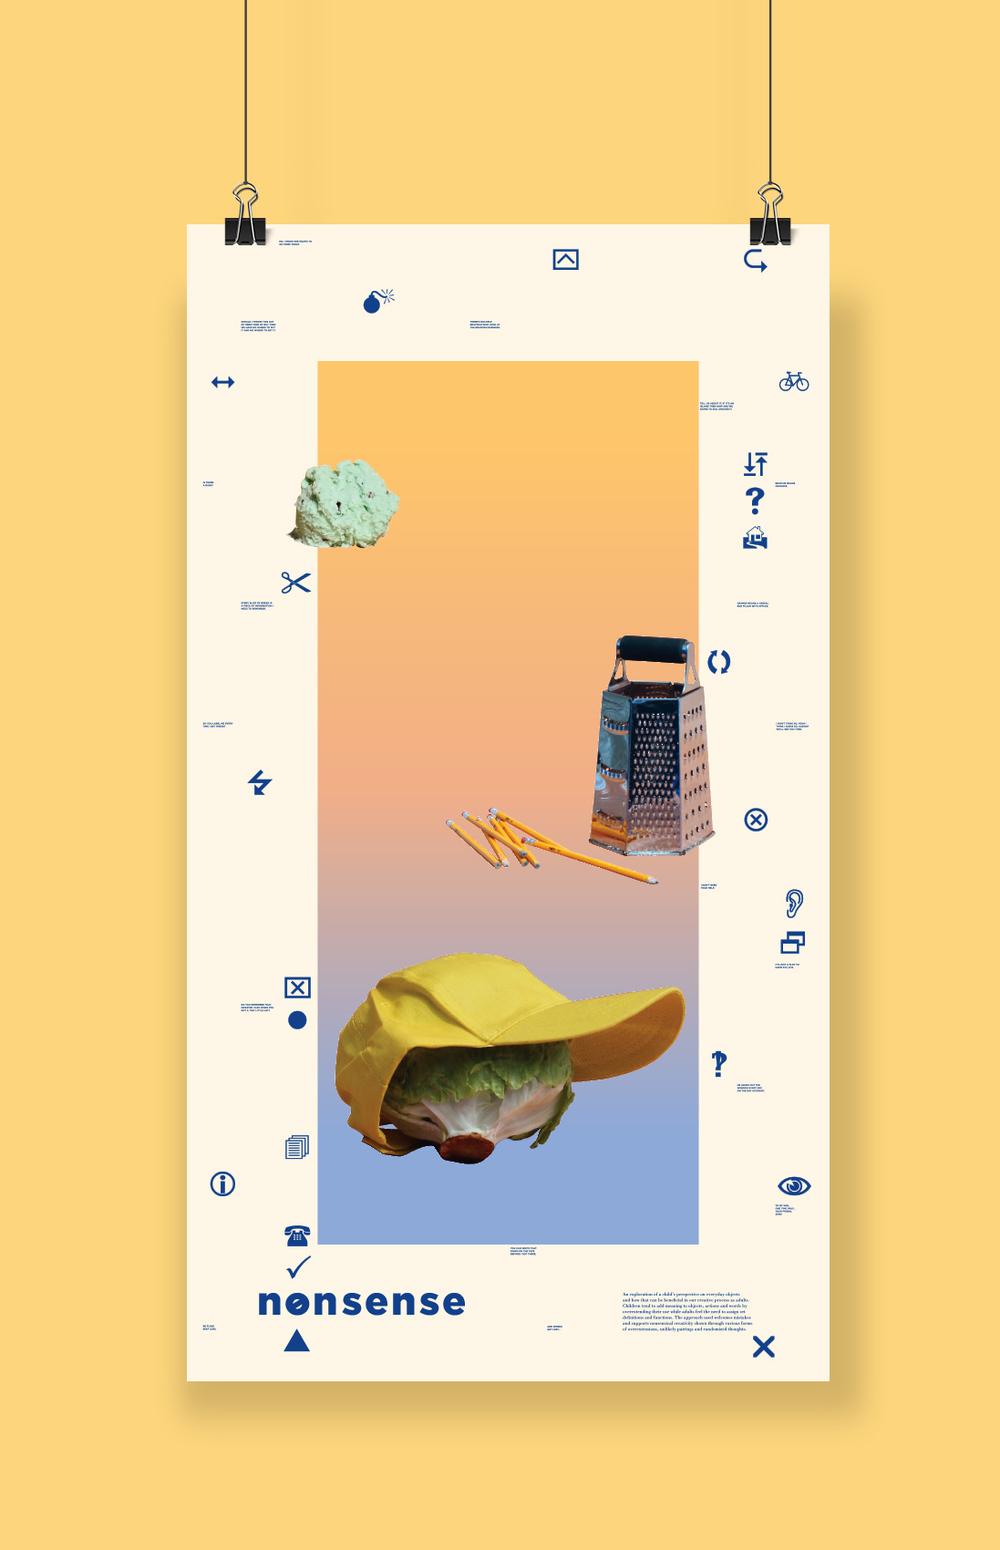 lassie_collective_nonsense_alexis_gallo_poster_01.jpg